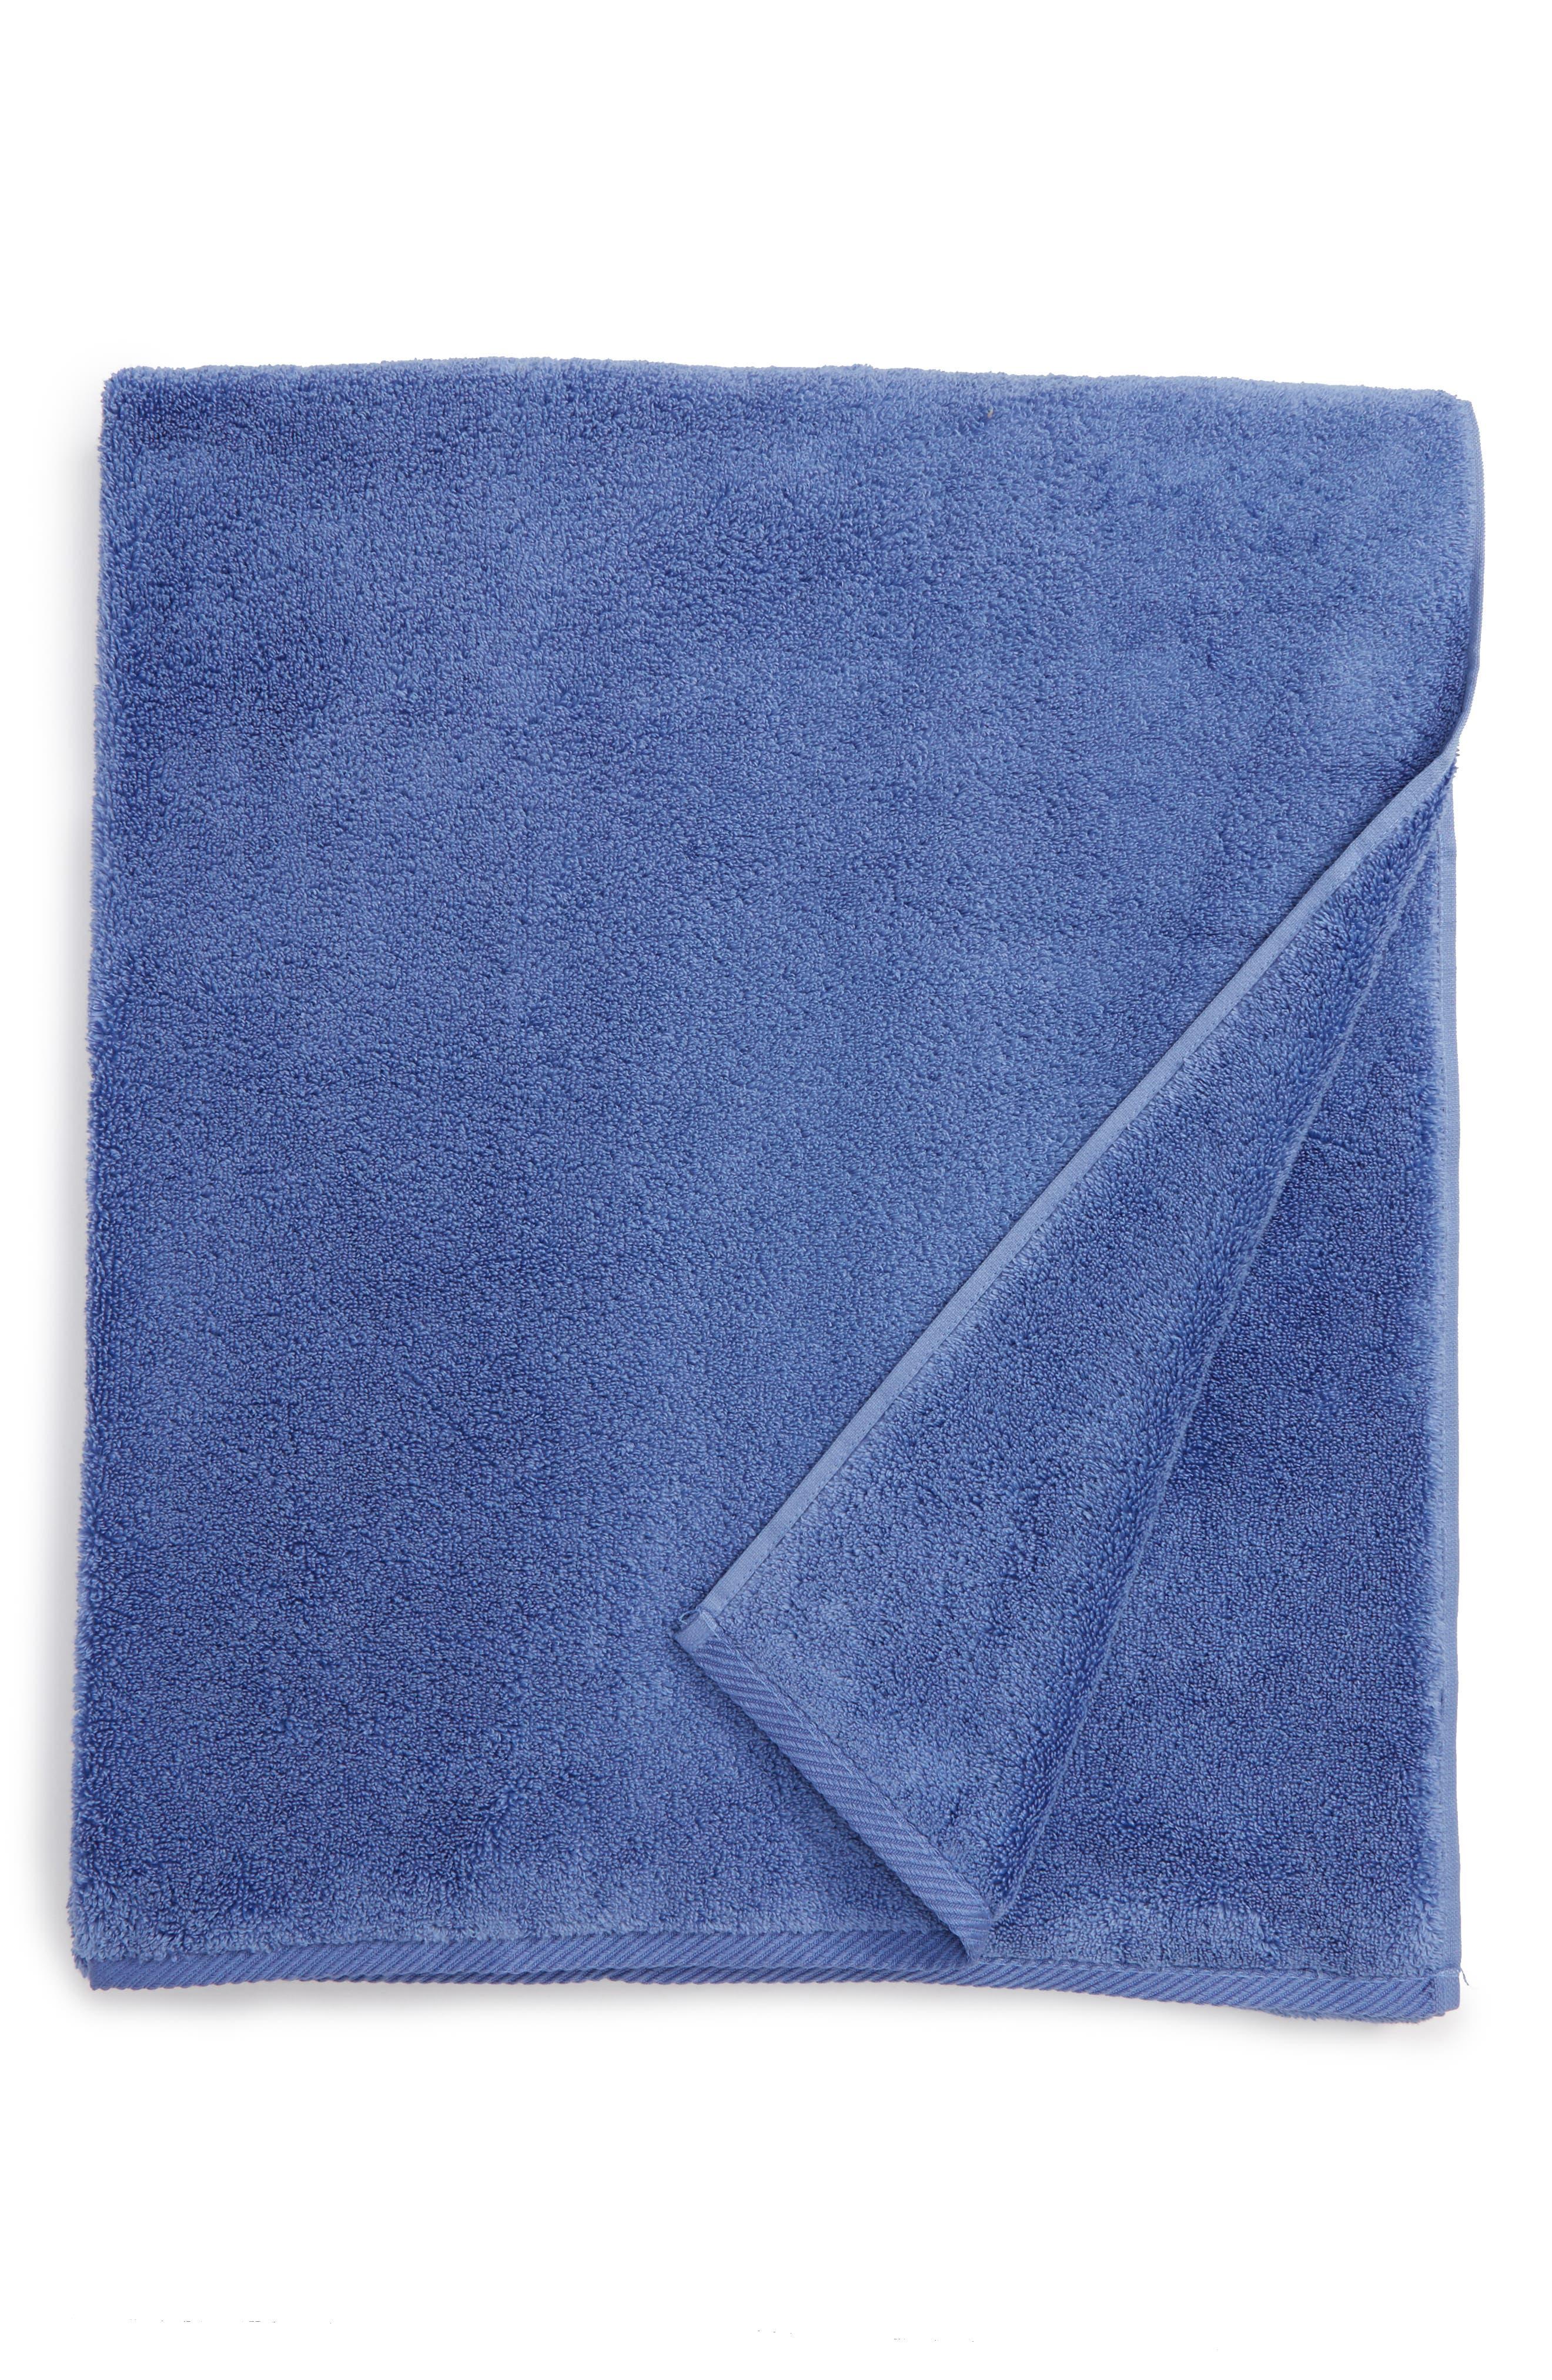 Milagro Bath Sheet,                             Main thumbnail 6, color,